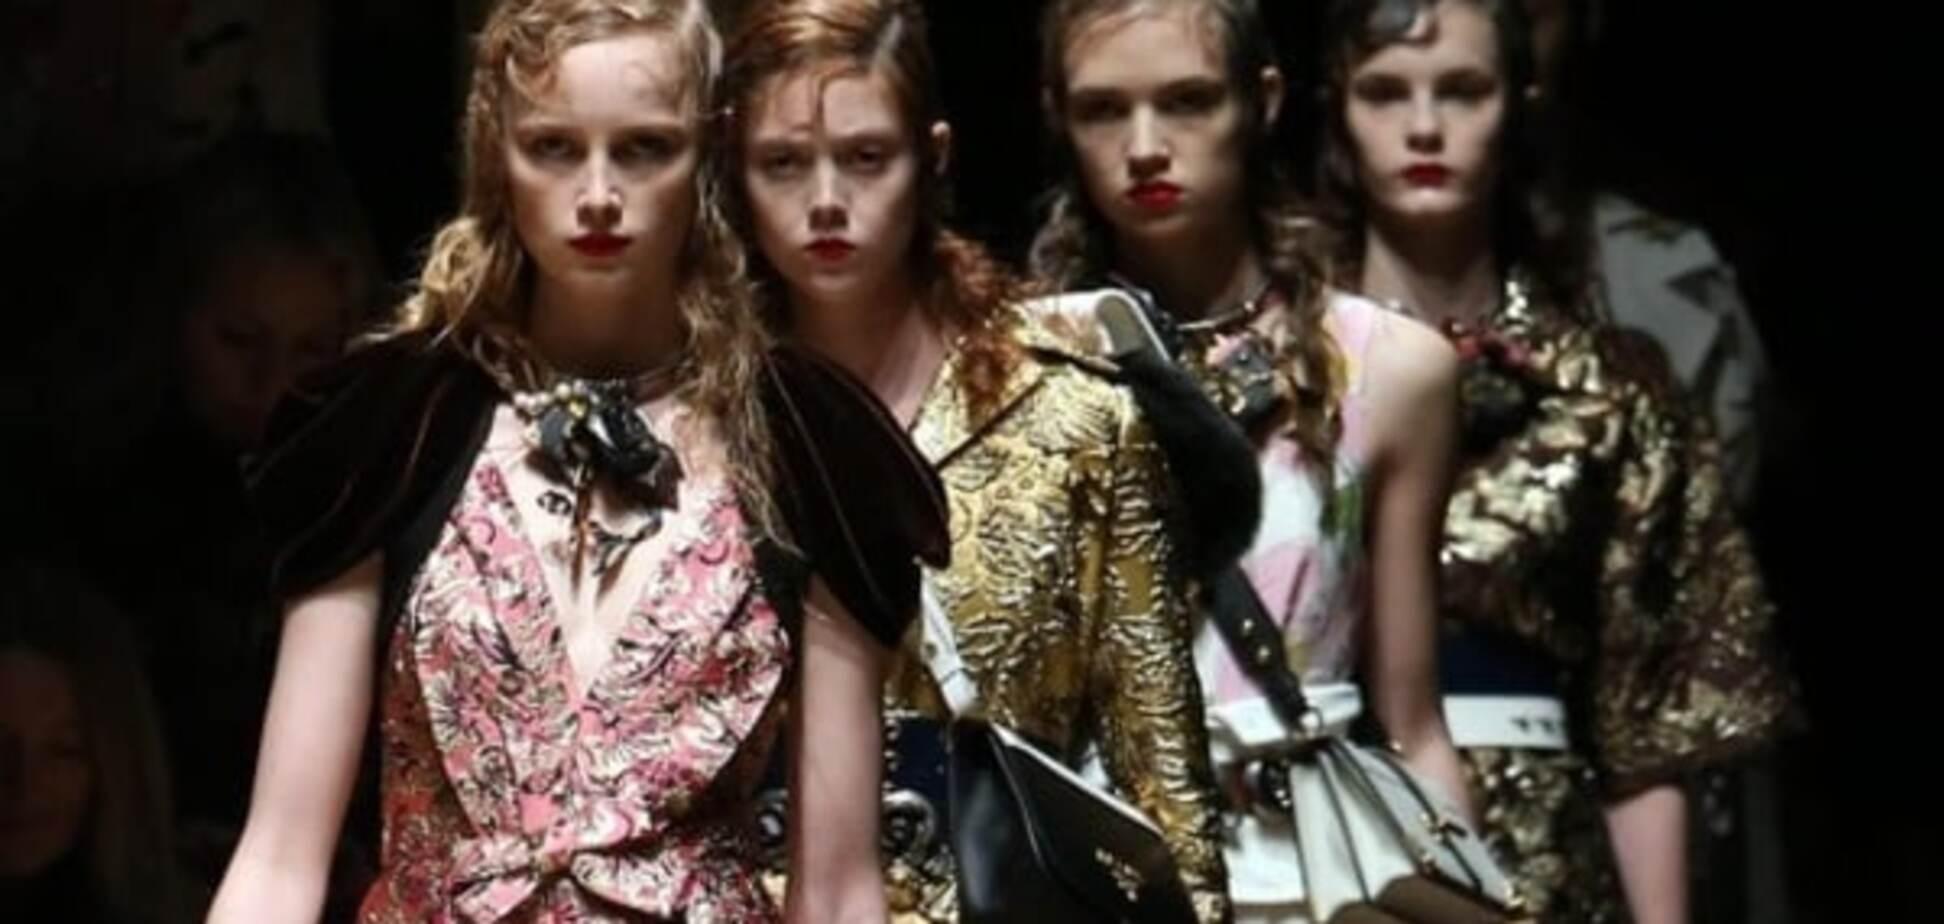 Путь женщины: показ Prada на Неделе моды в Милане